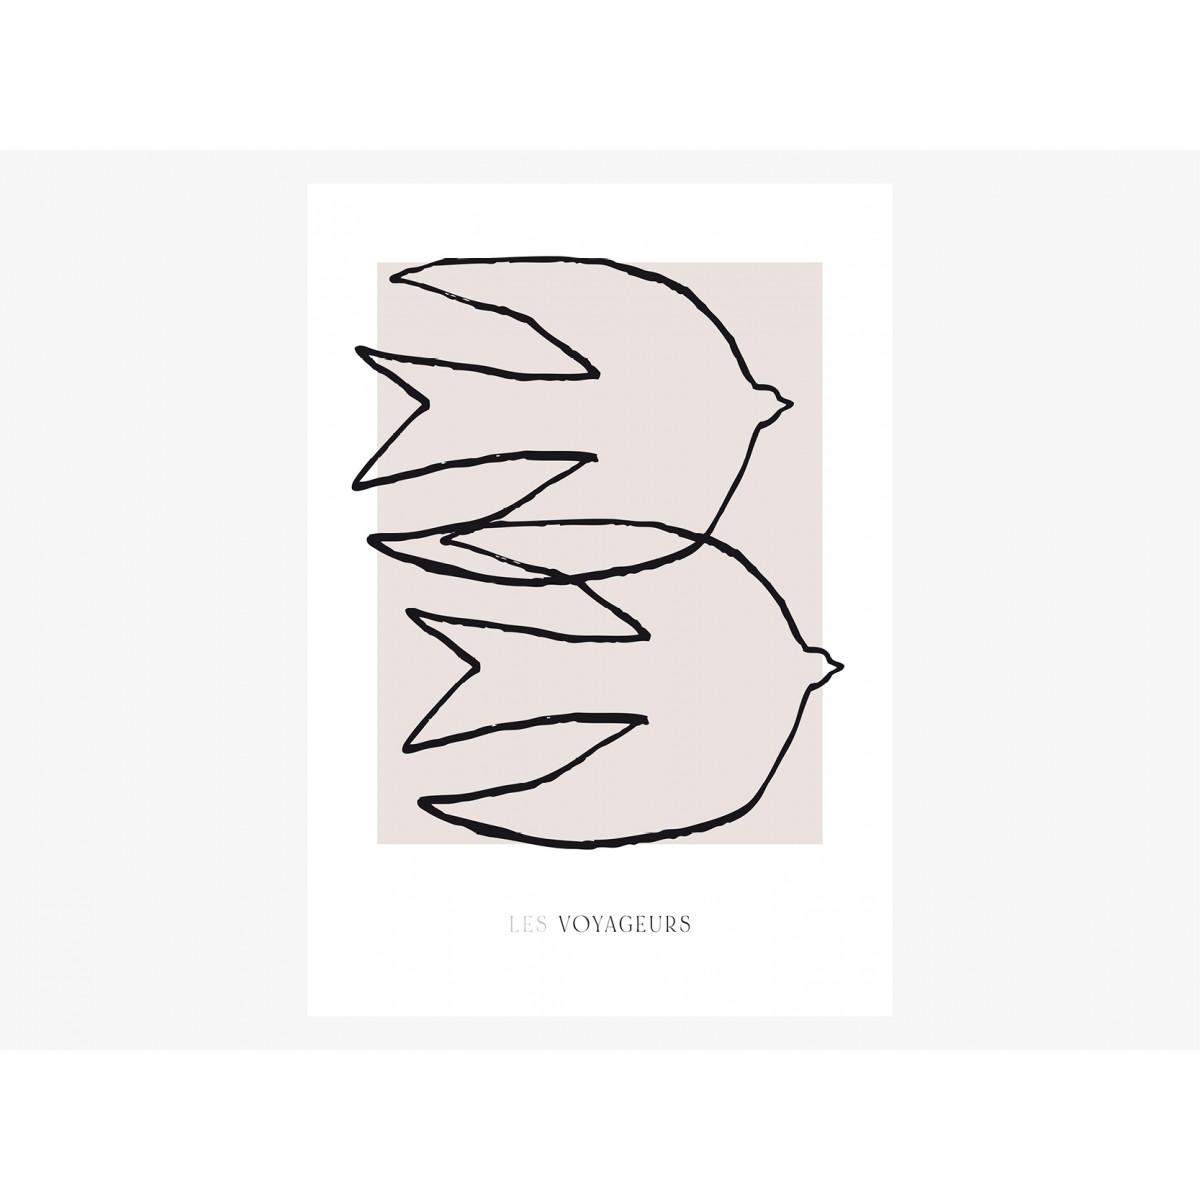 typealive / Print / Les Voyageurs No. 1